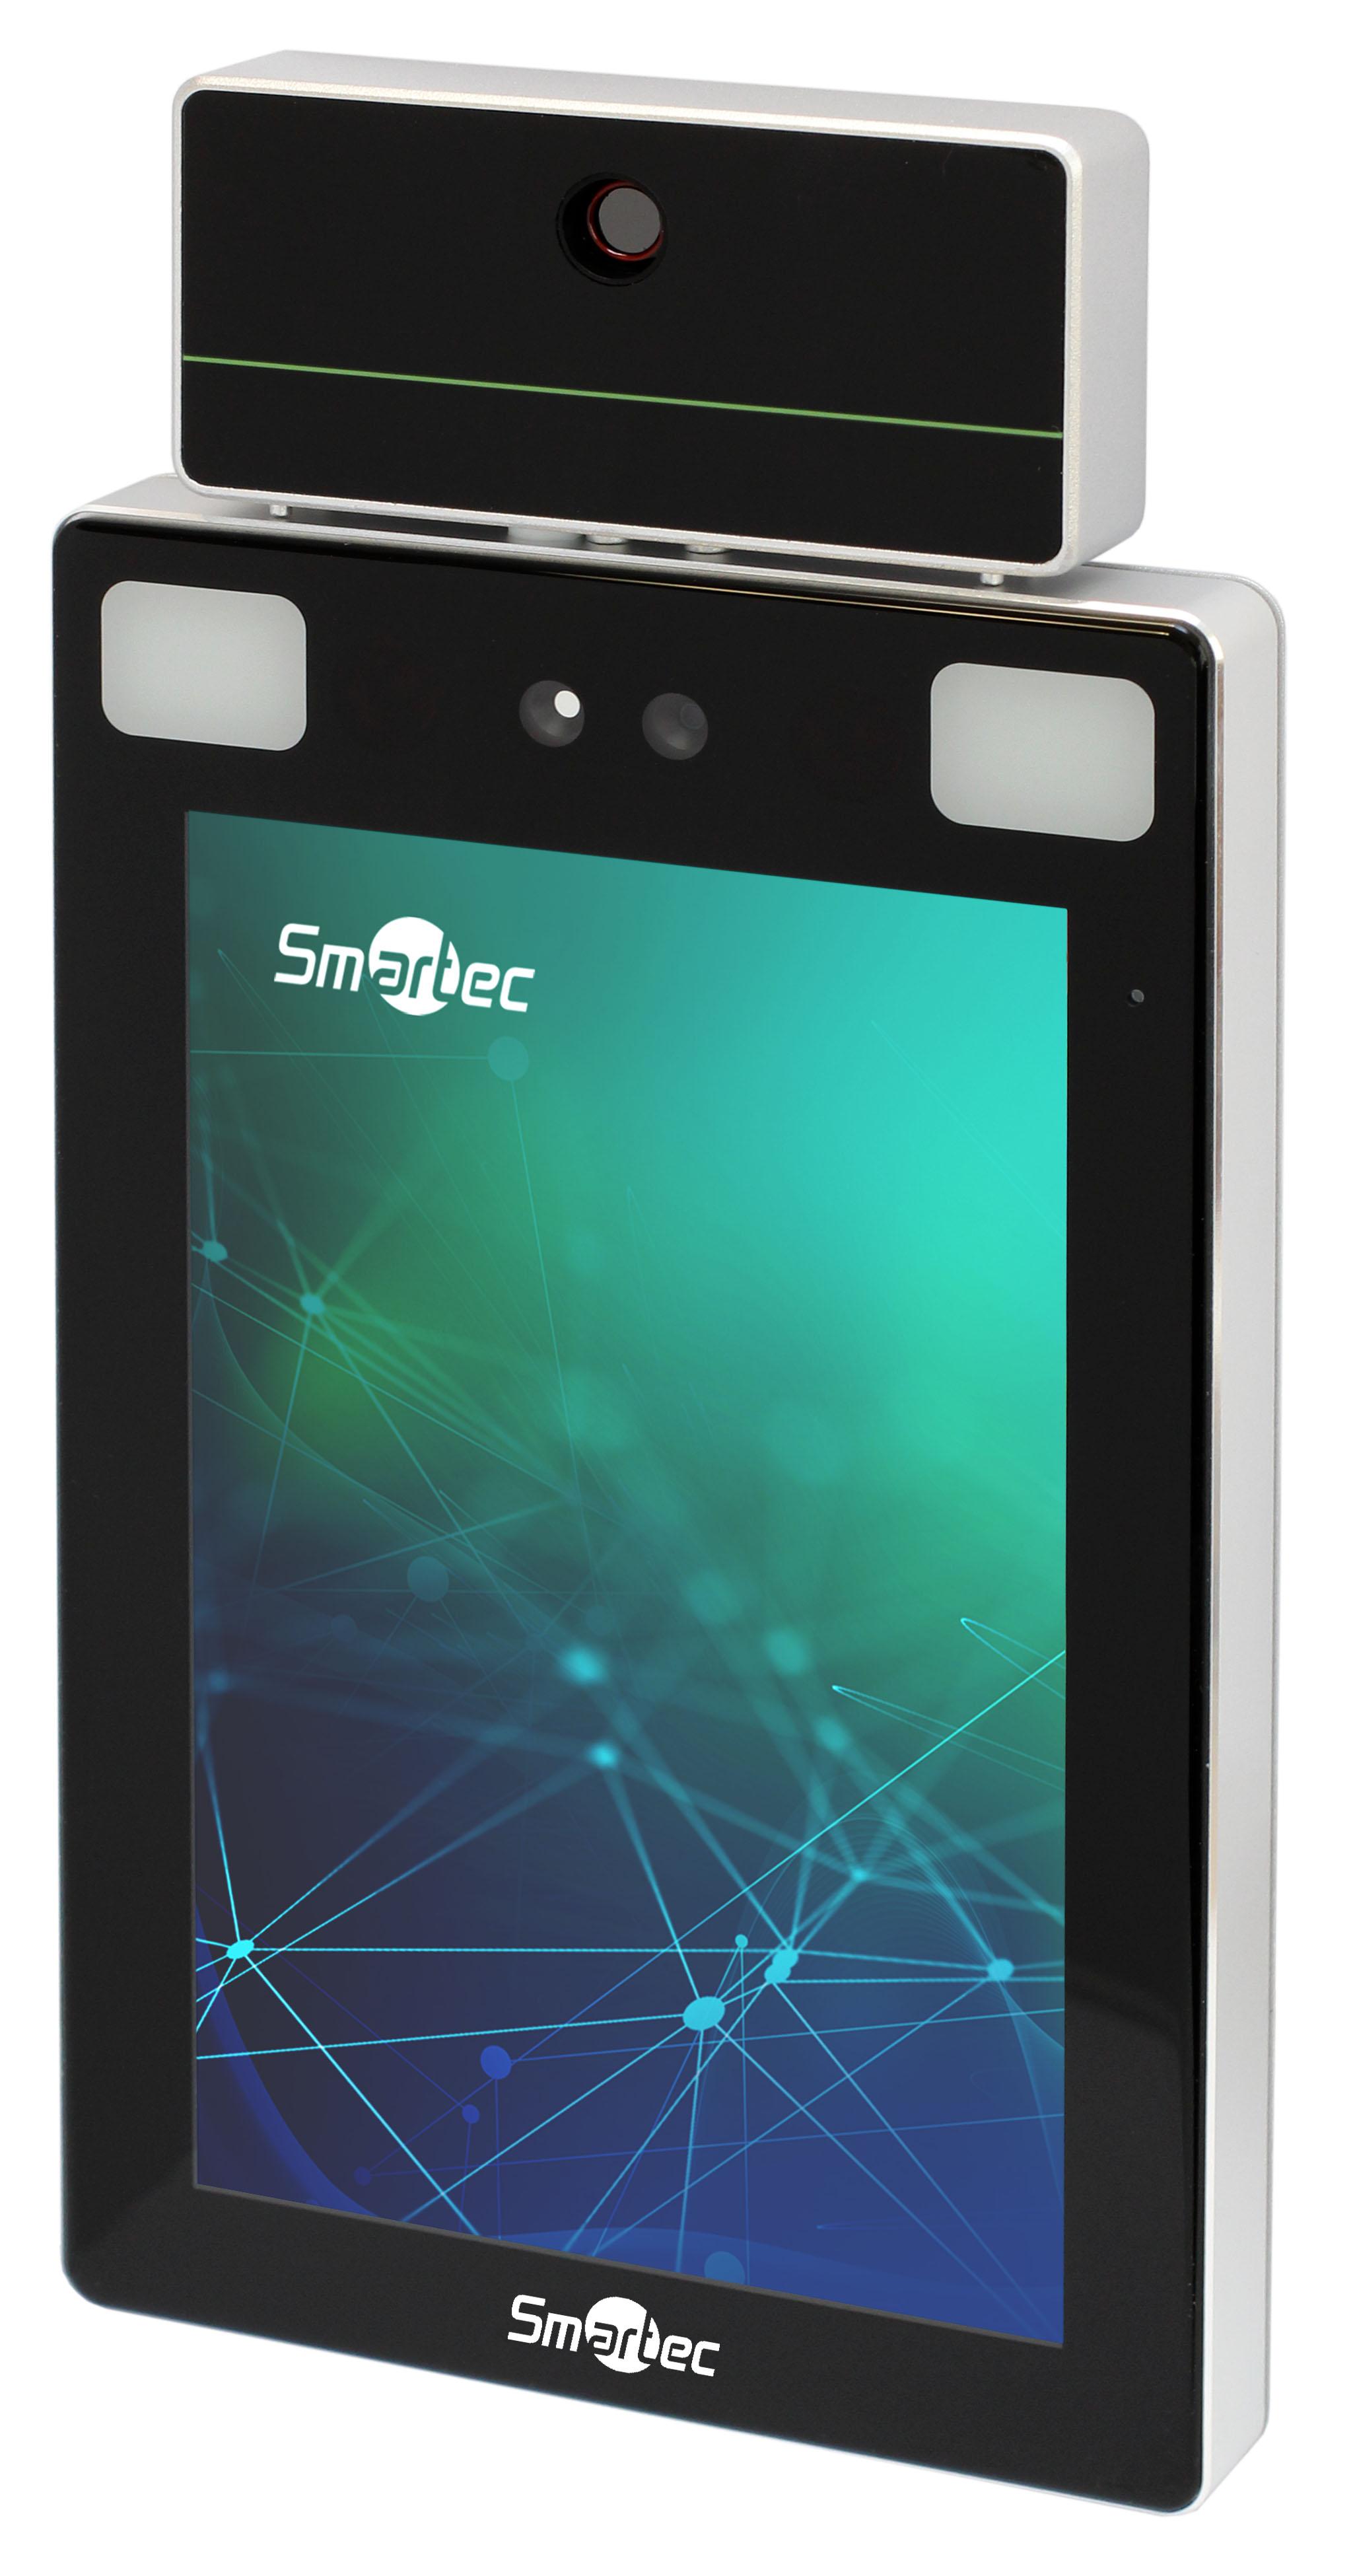 Терминал измерения температуры и считыватель в одном новом устройстве Smartec